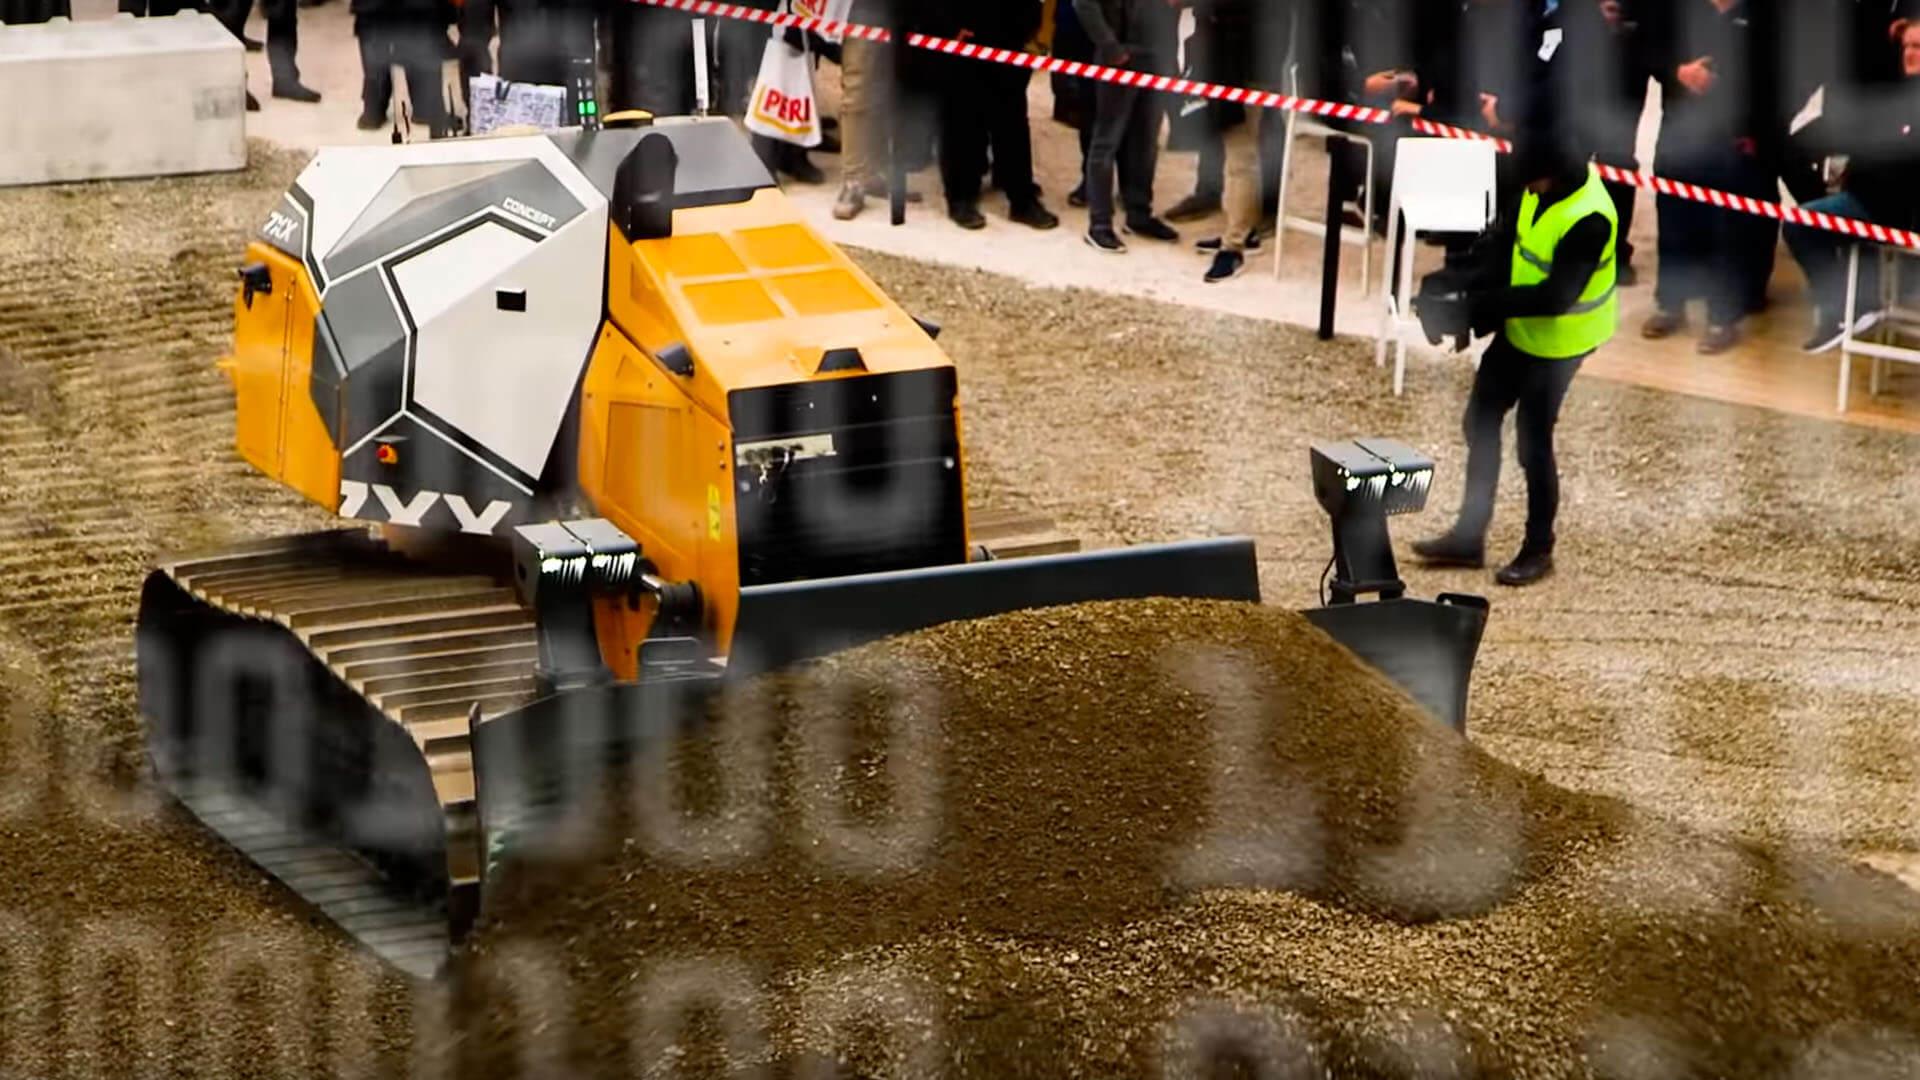 Auf der bauma 2019 kann man es selbst erleben: Die Digitalisierung verändert die Baumaschinenindustrie. Vernetzte Baustellen, BIM, smarte Maschinen die autonom fahren. Die Digitalisierung ist eine Herausforderung, die die Branche schon heute als Chance nutzt.